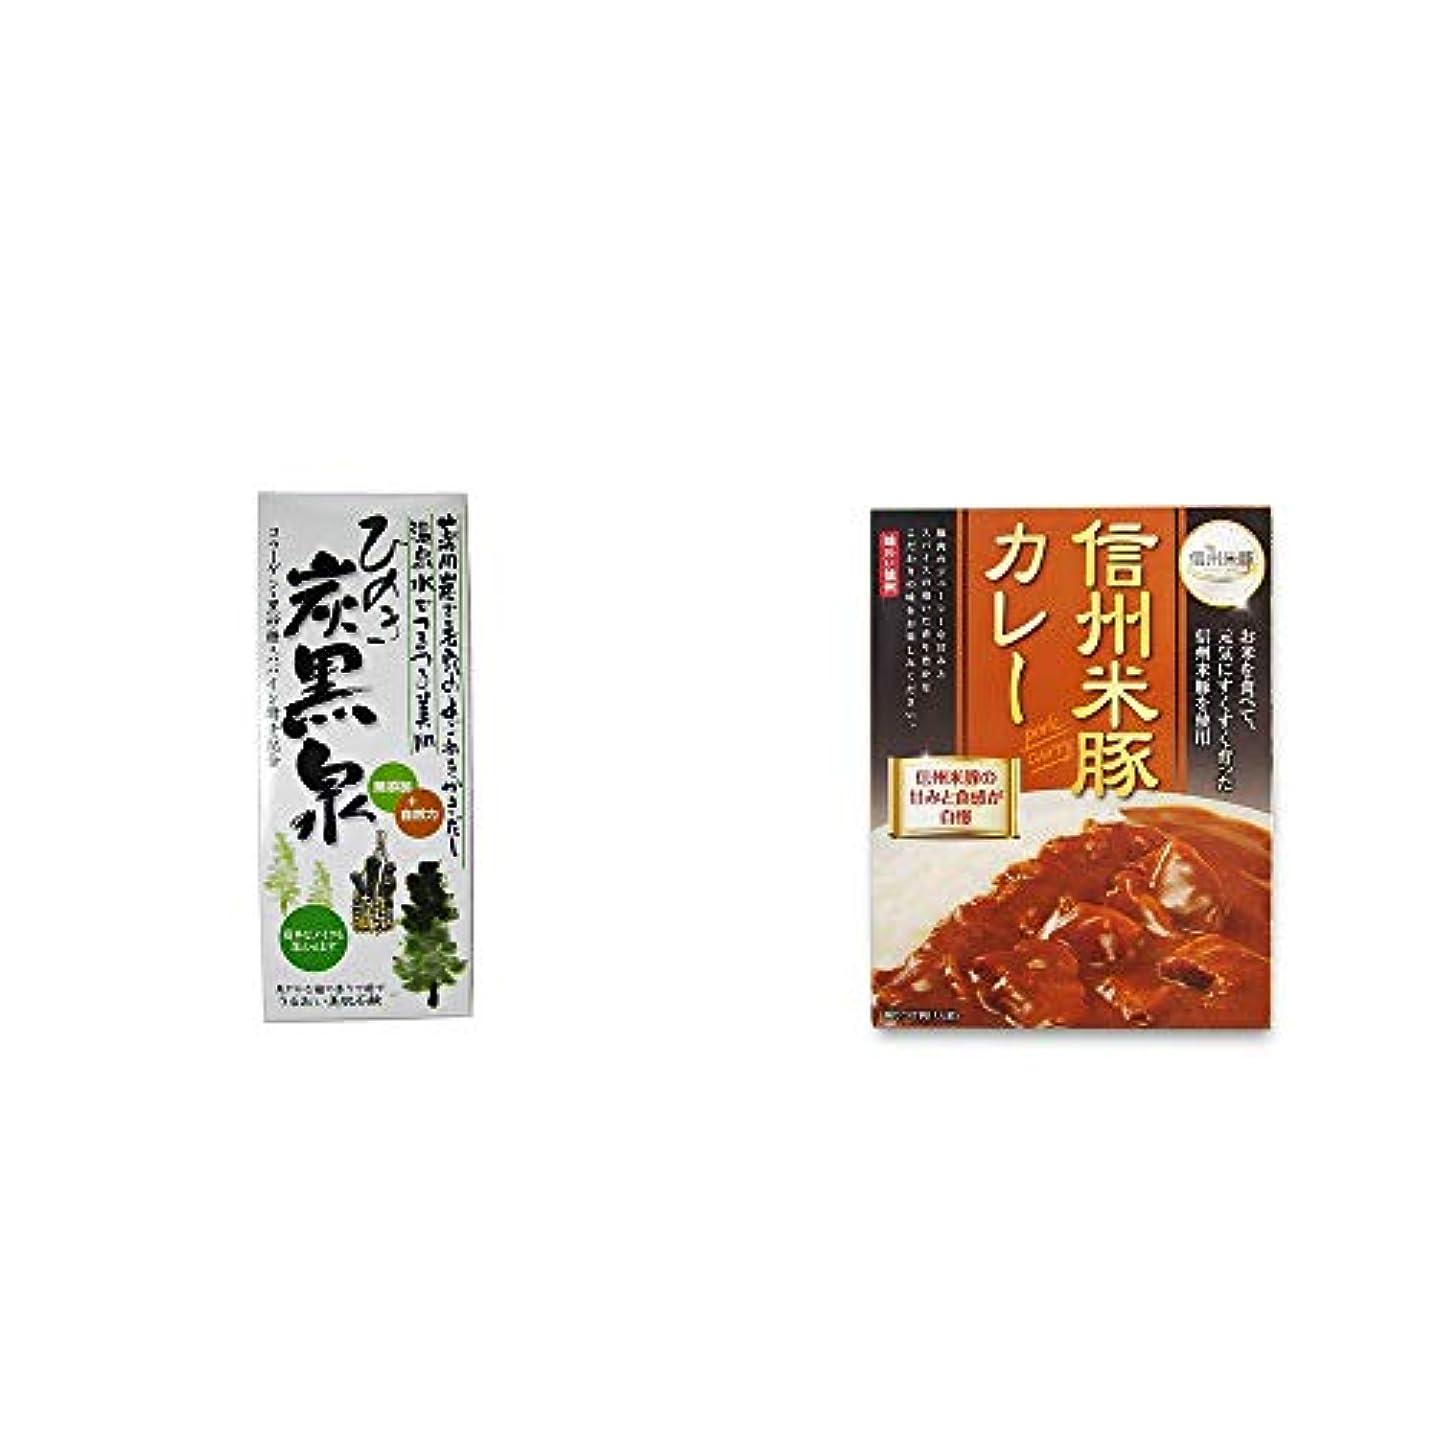 [2点セット] ひのき炭黒泉 箱入り(75g×3)?信州米豚カレー(1食分)